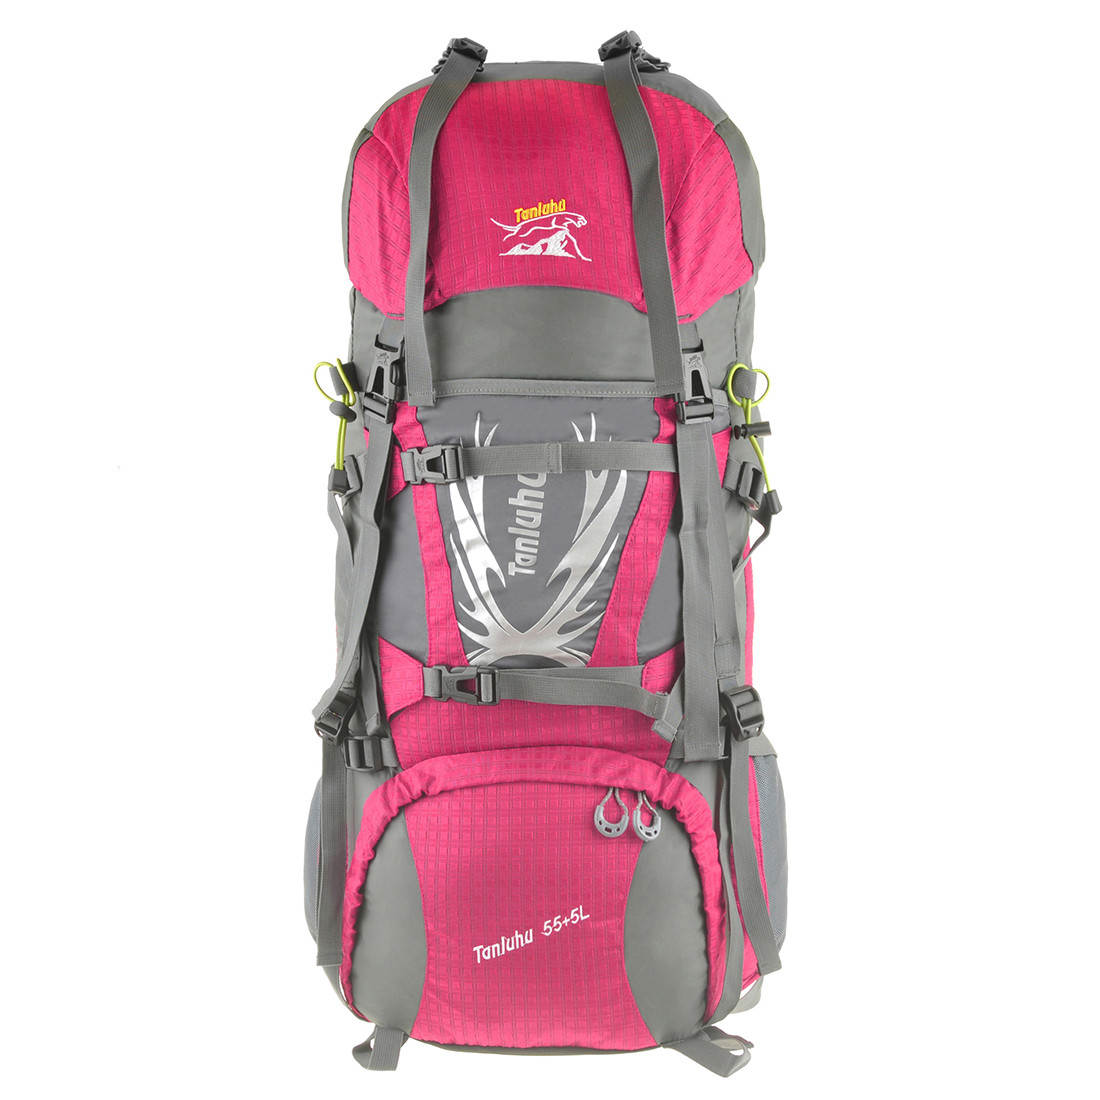 Рюкзак туристический розовый TANLUHU  80х32х24 55+5л Polyester Oxford Rip Stop PU 600D/1600D кс627роз